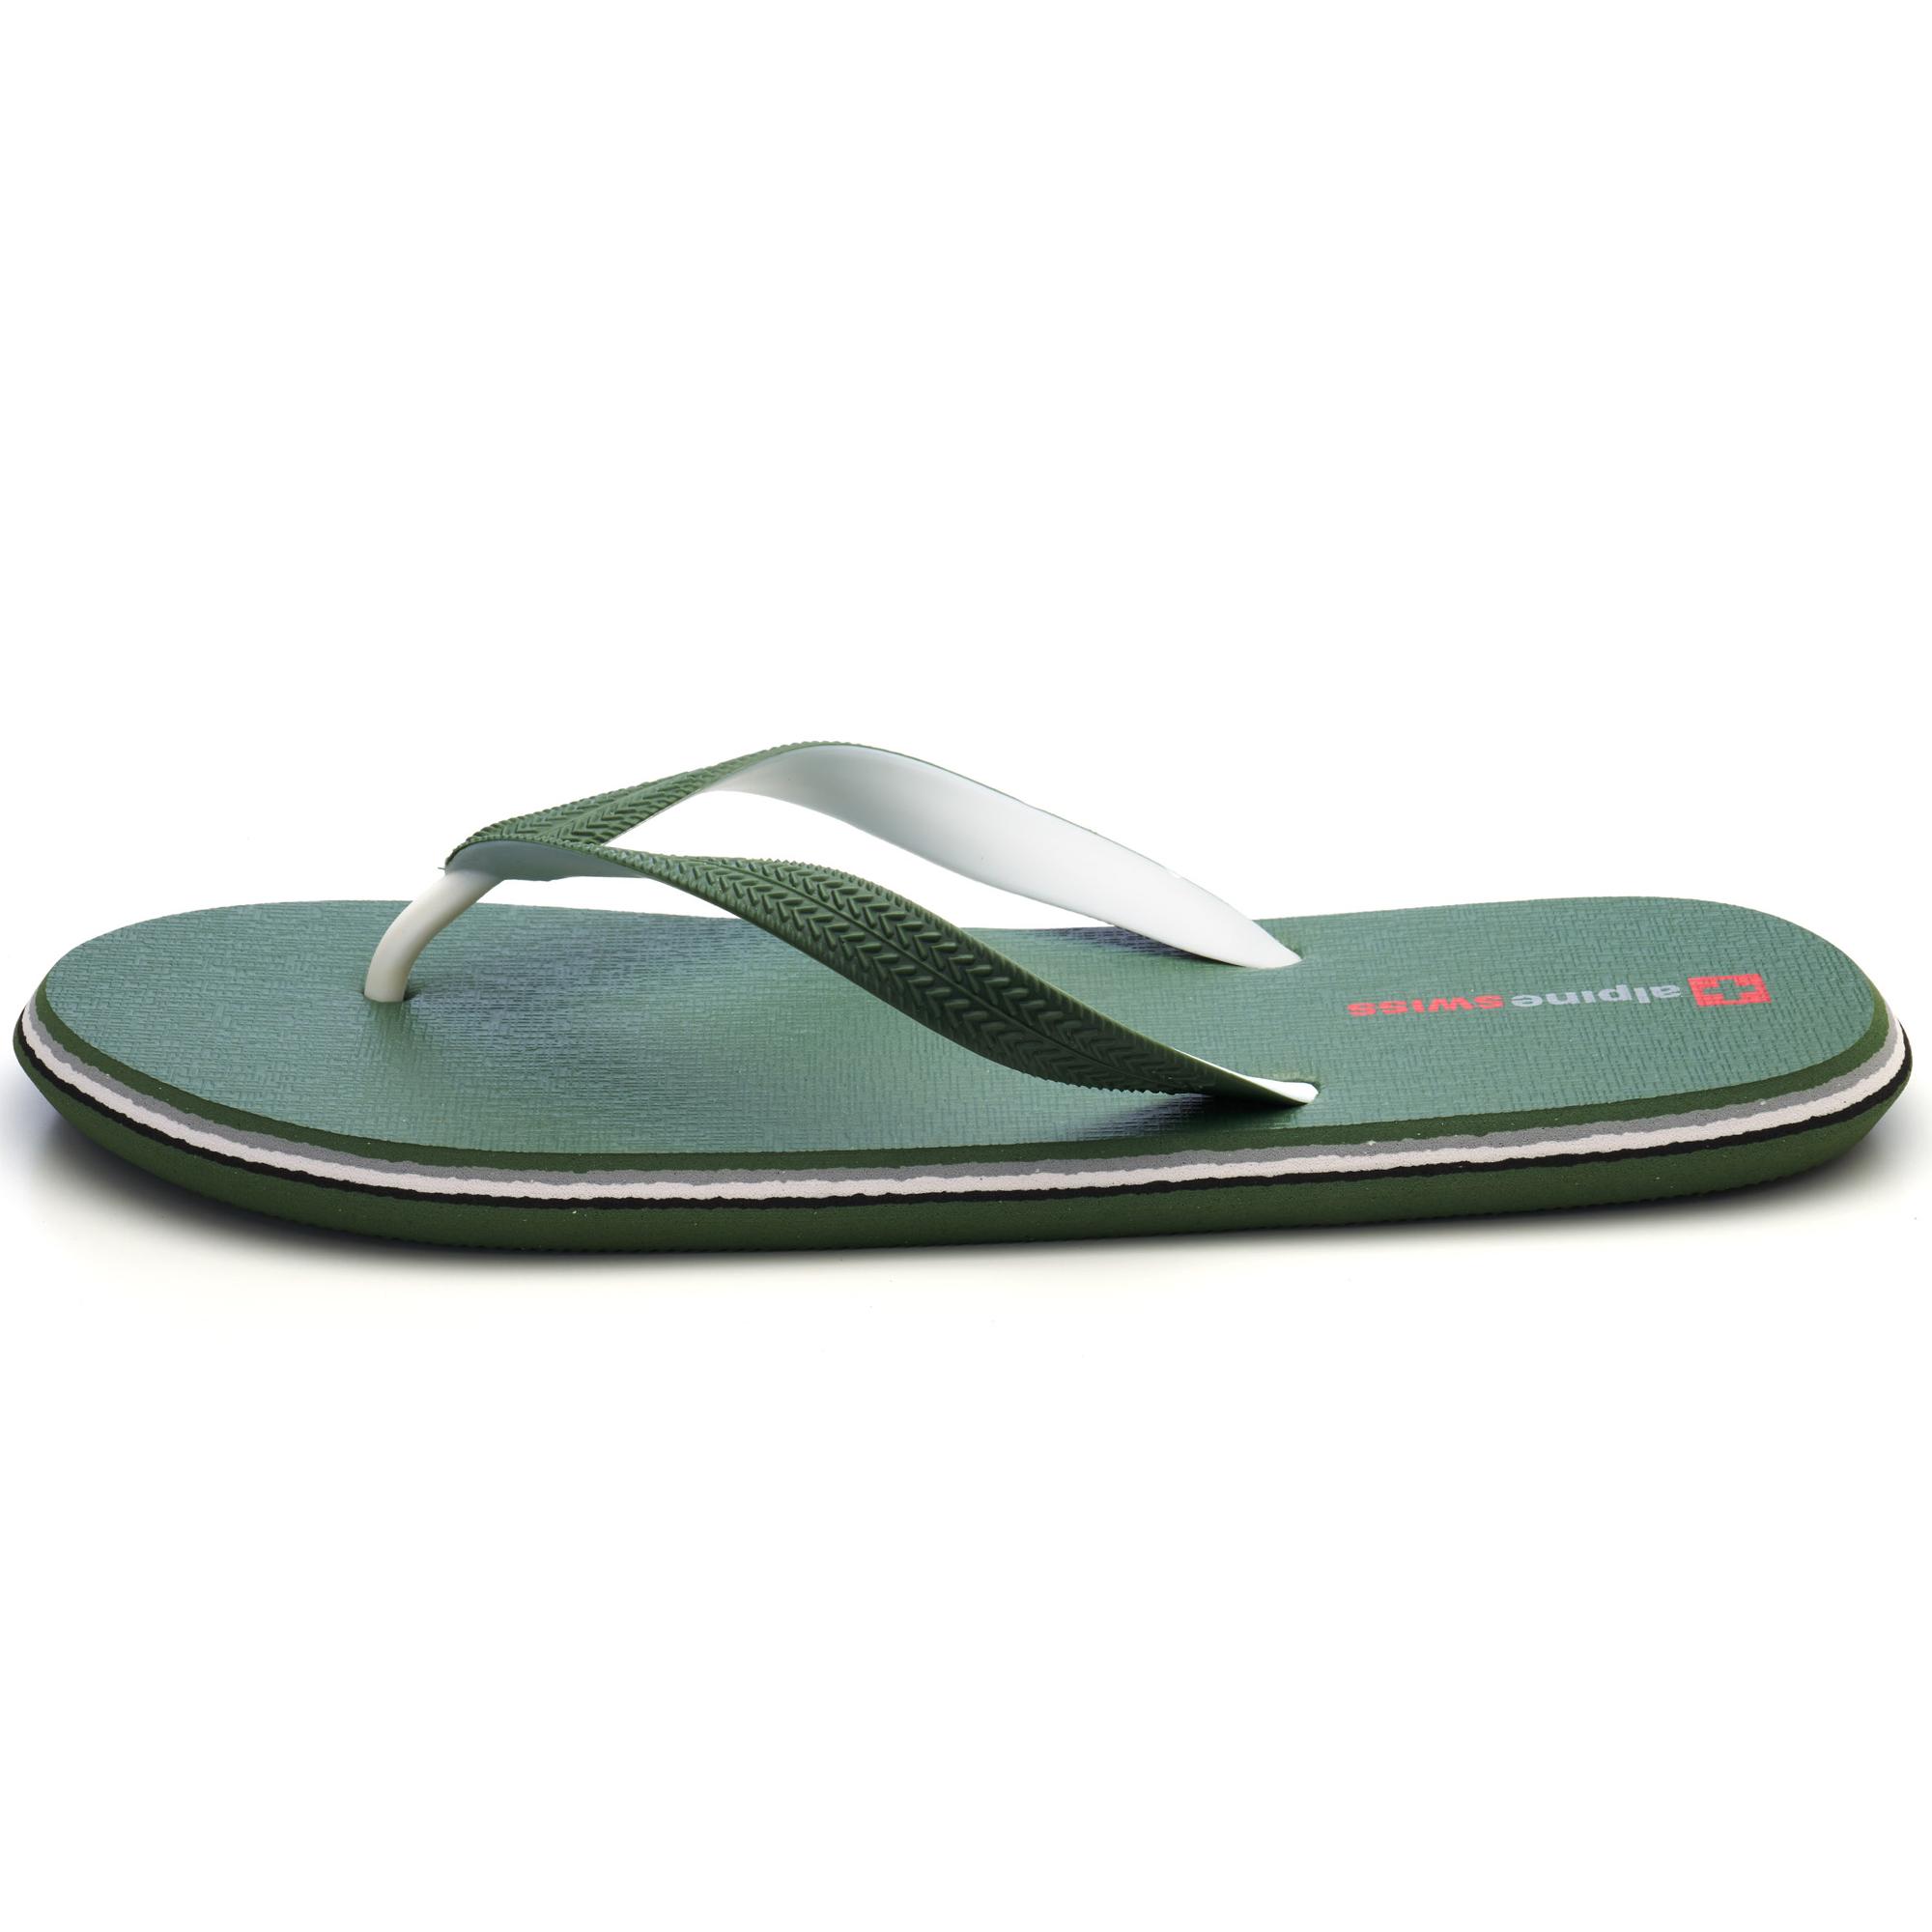 Alpine-Swiss-Mens-Flip-Flops-Beach-Sandals-Lightweight-EVA-Sole-Comfort-Thongs thumbnail 39